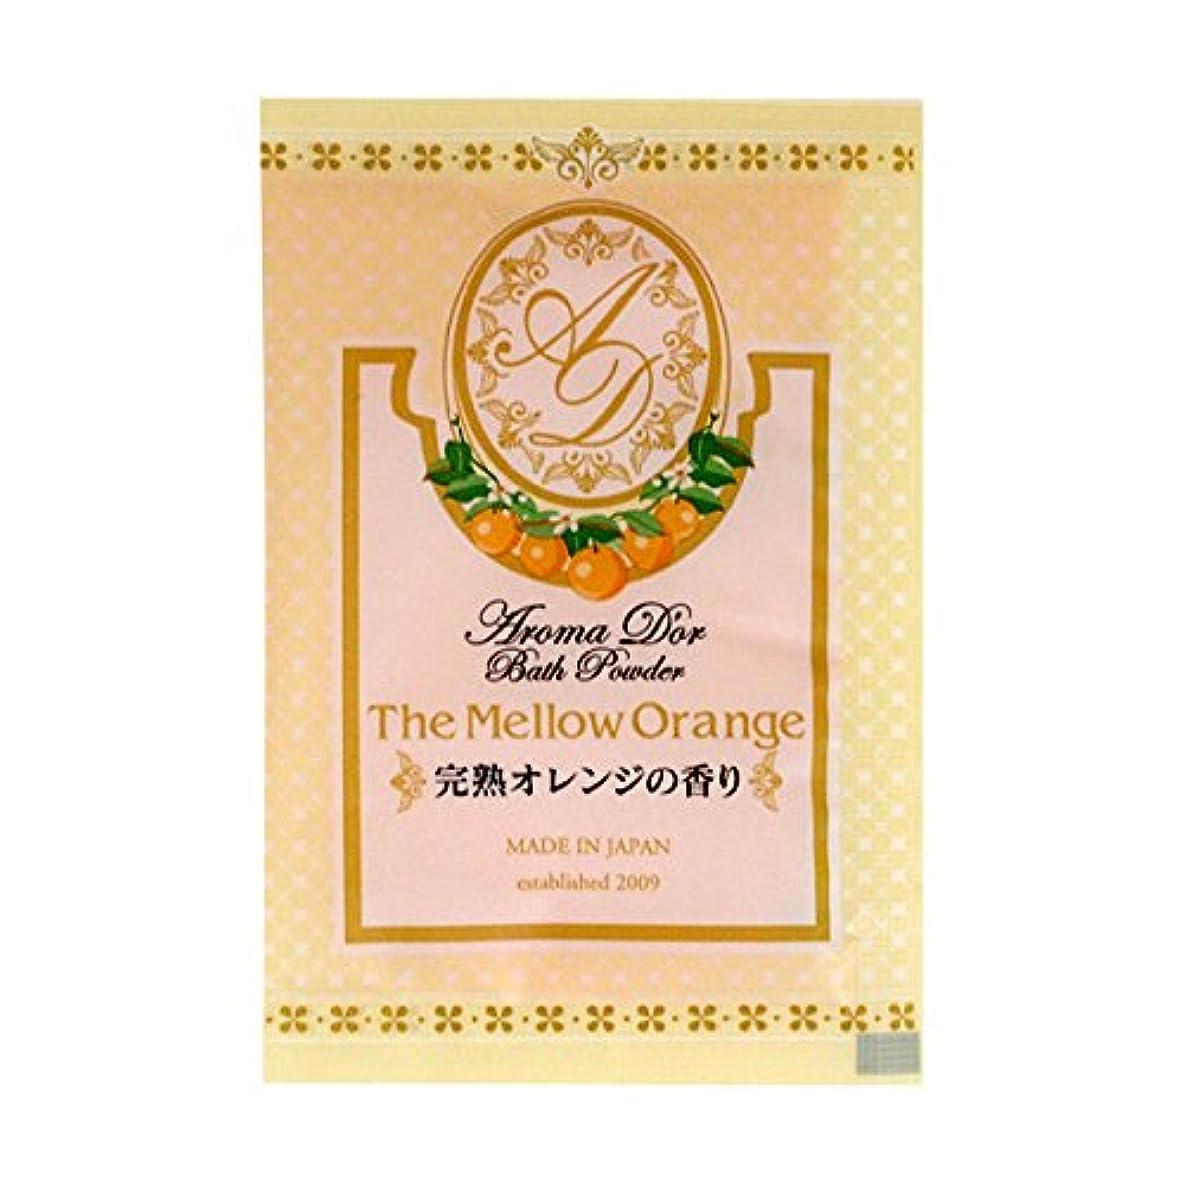 プロジェクターグレートオークスラム入浴剤 アロマドールバスパウダー 「完熟オレンジの香り」30個